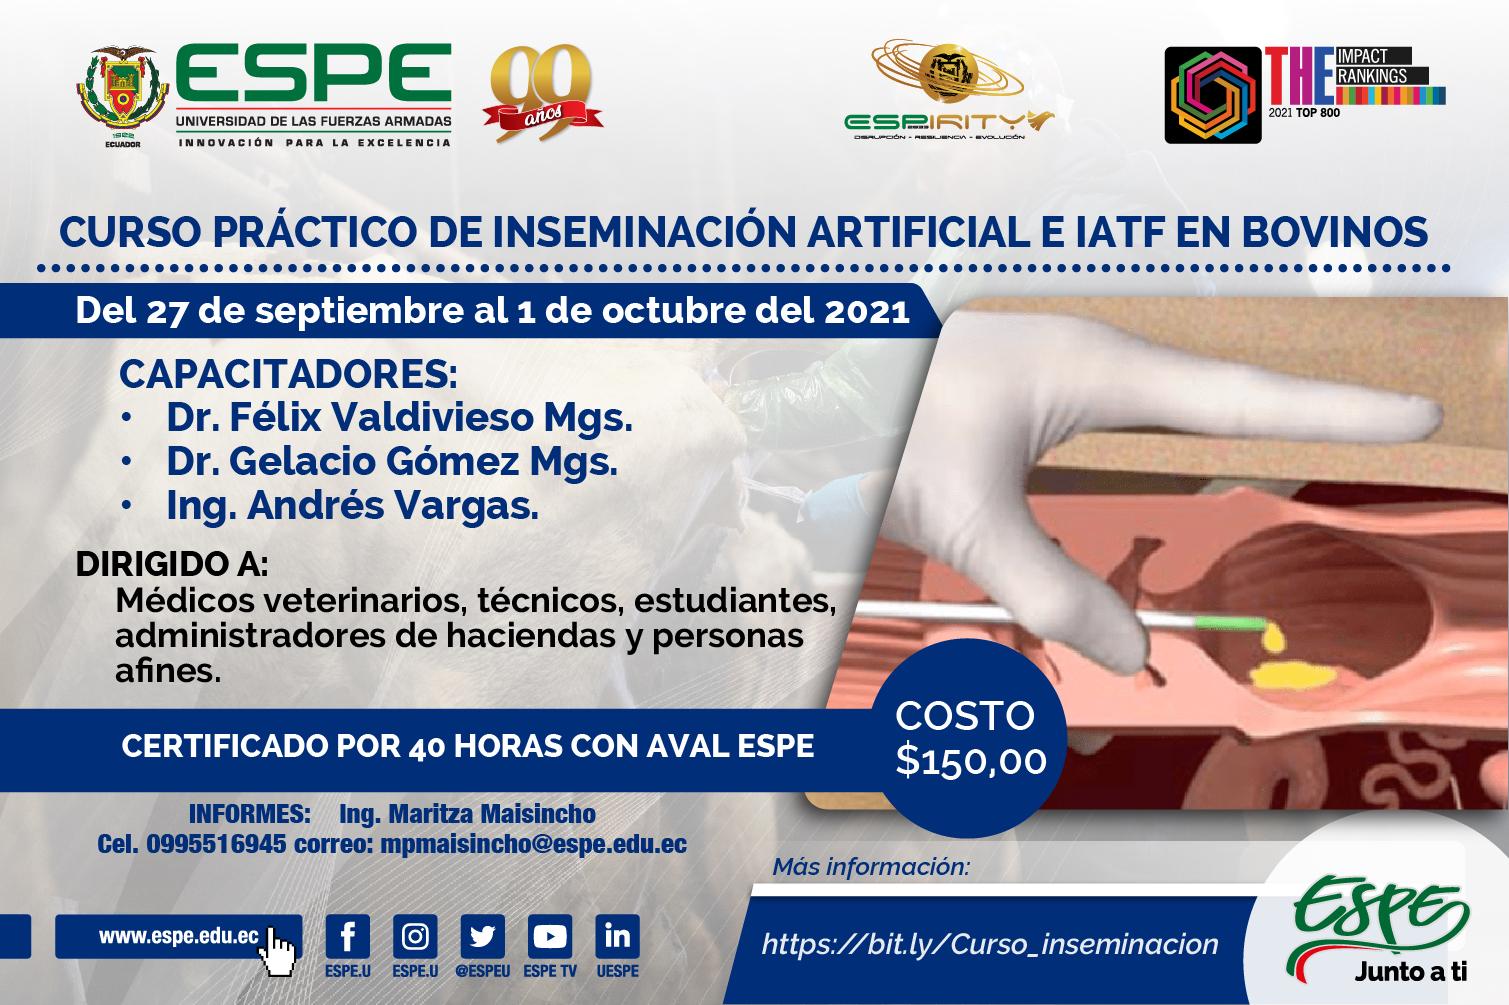 Invitación a CURSO PRÁCTICO DE INSEMINACIÓN ARTIFICIAL E IATF EN BOVINOS